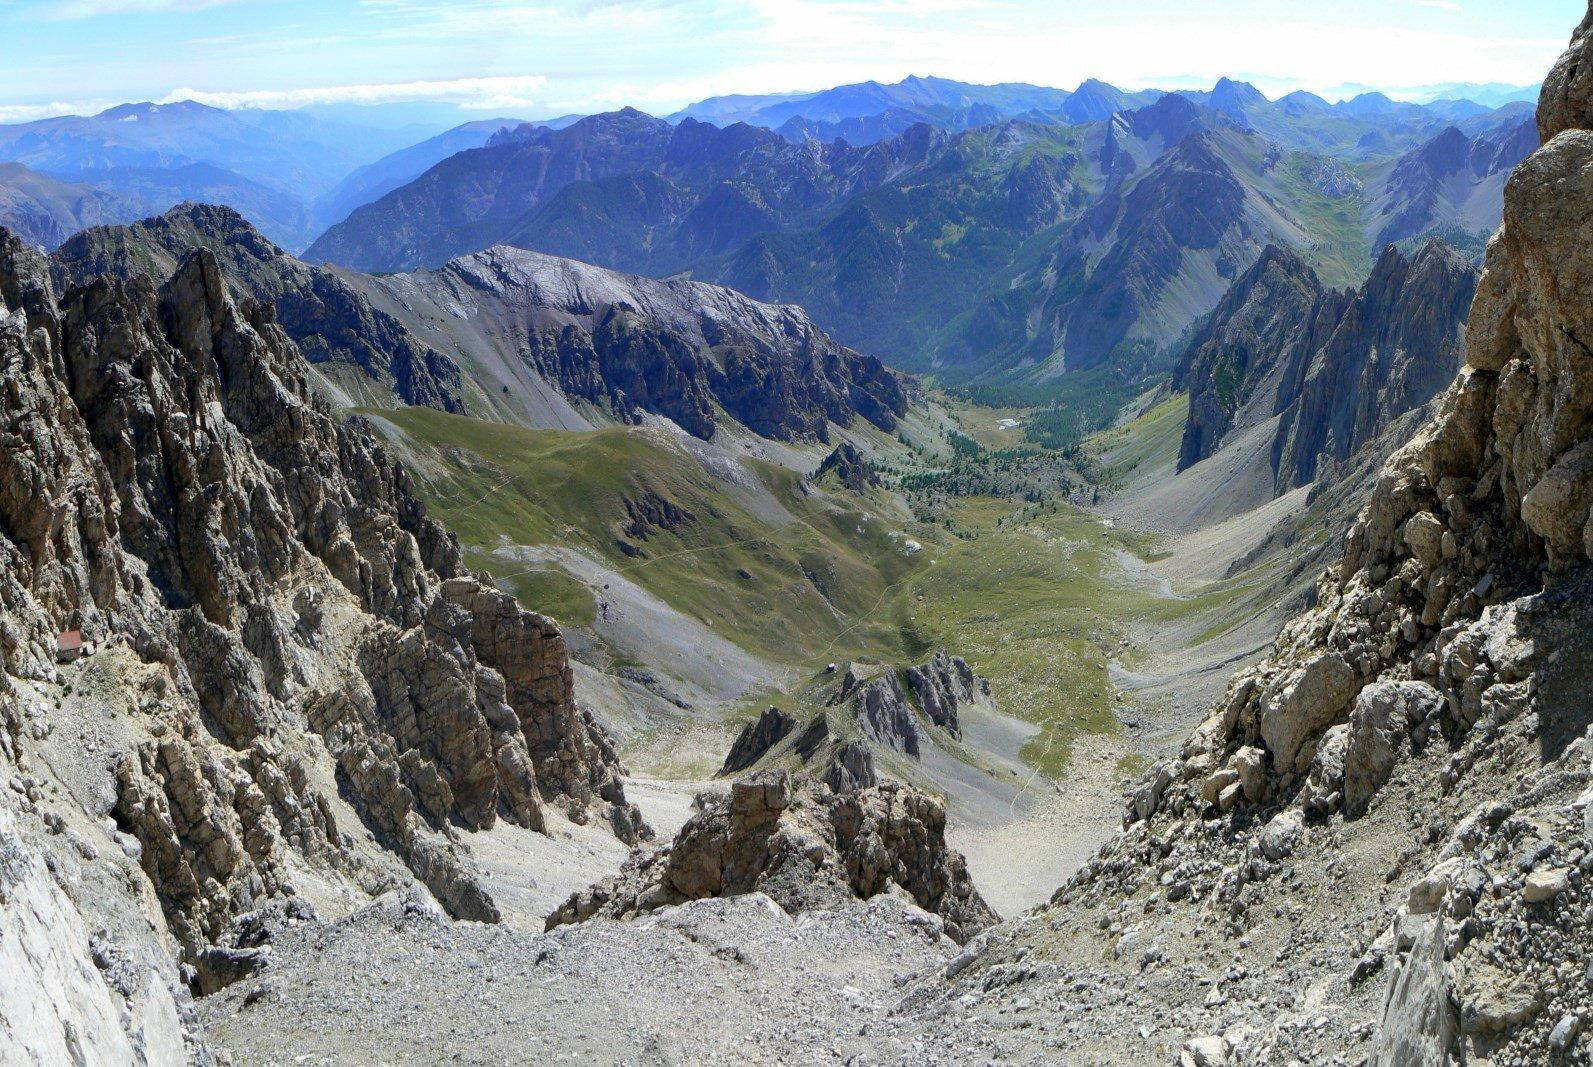 Il vallone di salita dalla ferrata: a sinistra il primo ricovero, in basso il bivacco Valmaggia